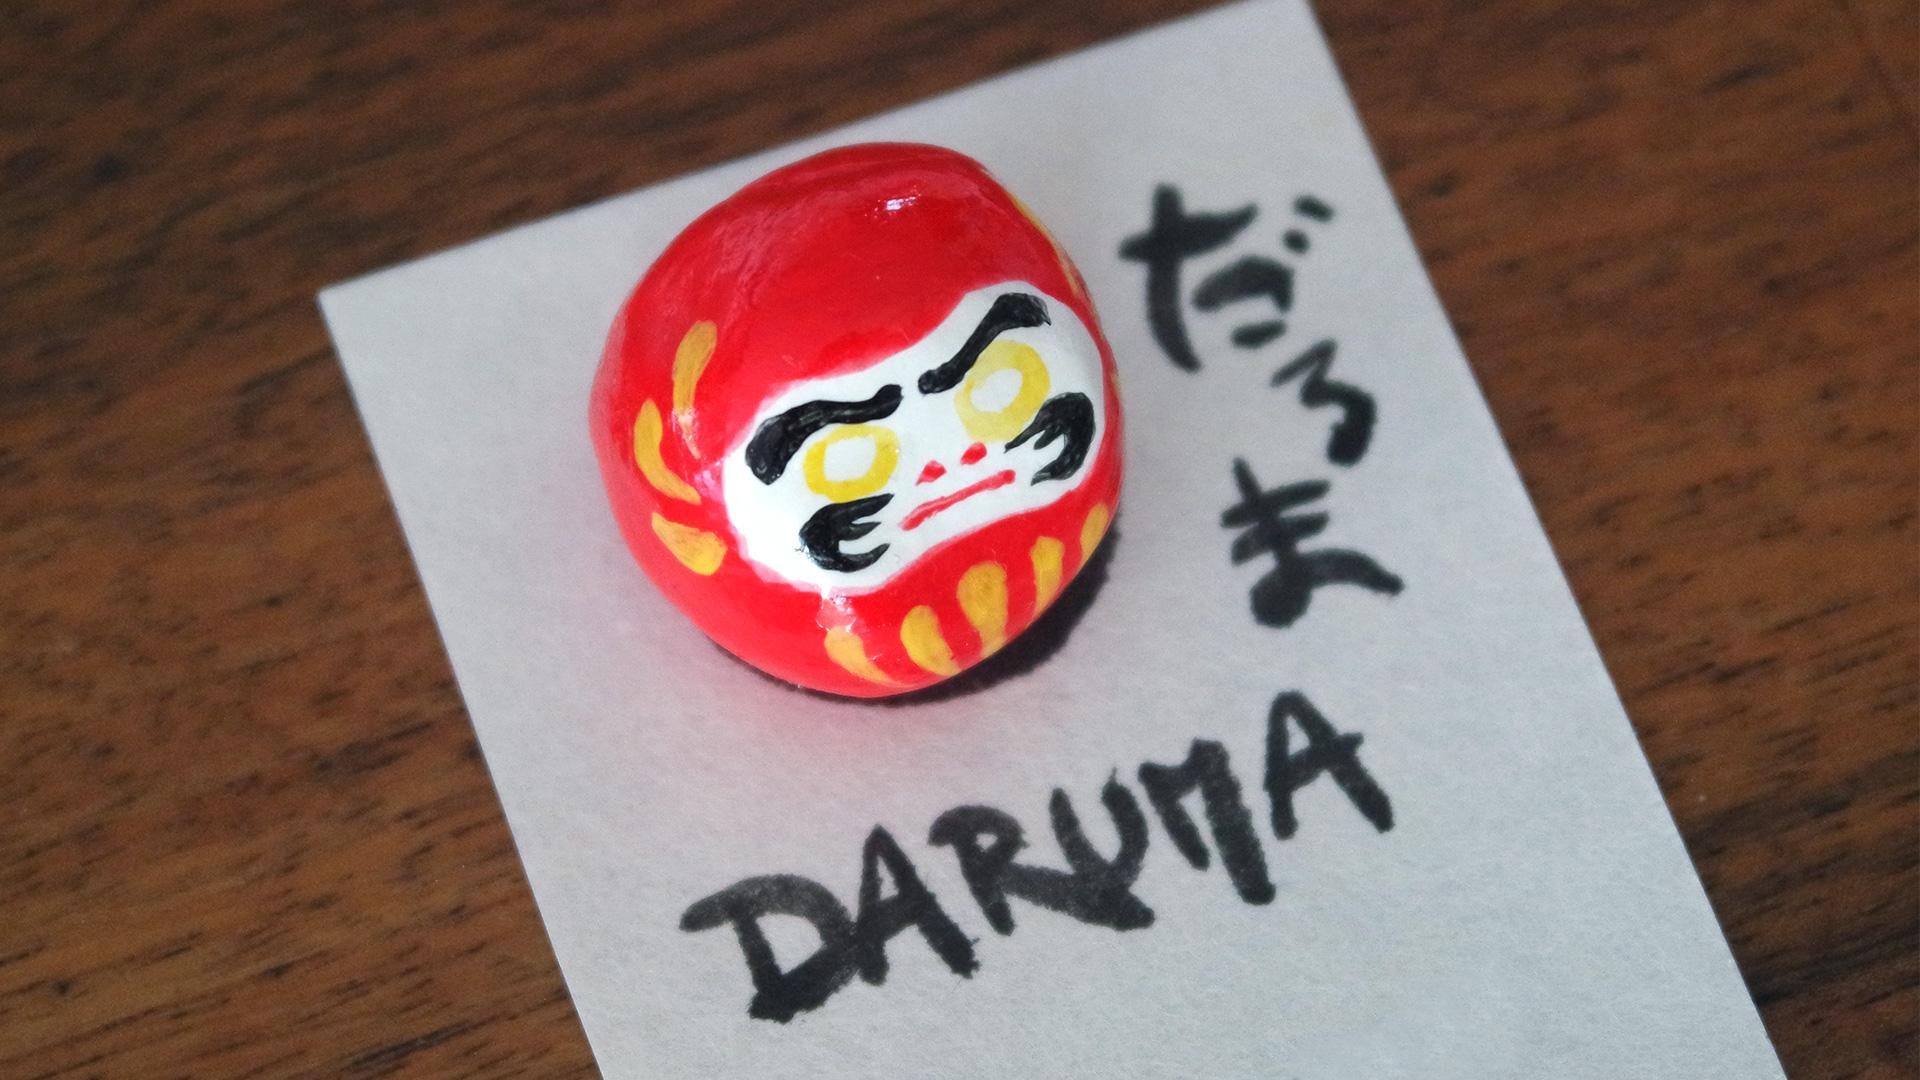 soult dough daruma